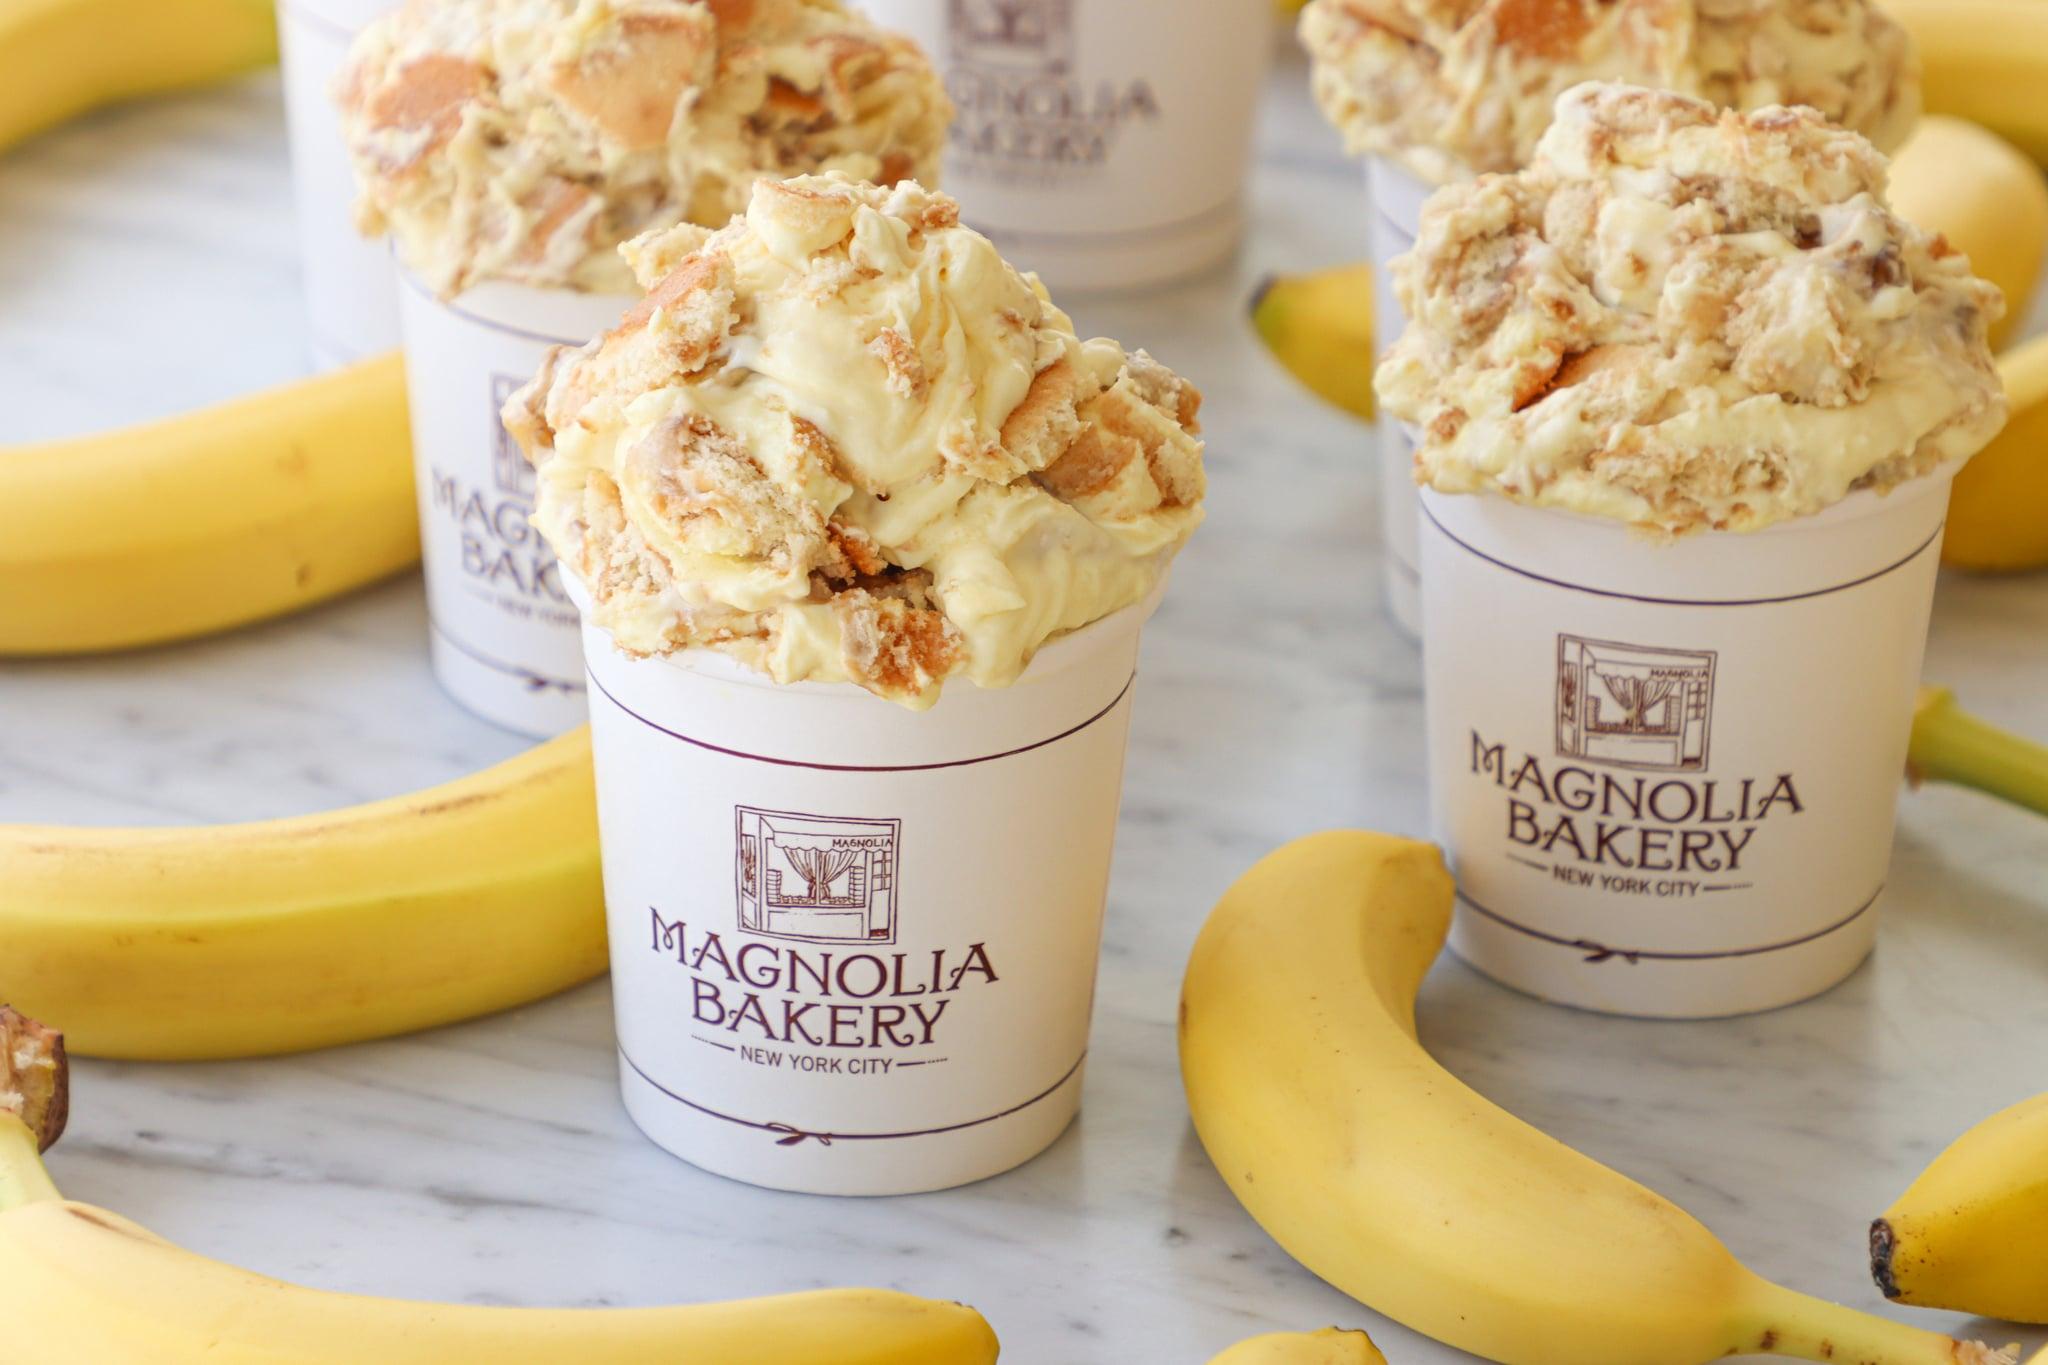 tmp_Q8v24C_b1b9ba1c438c2653_Magnolia_Bakery_GF_Banana_Pudding_2.jpg